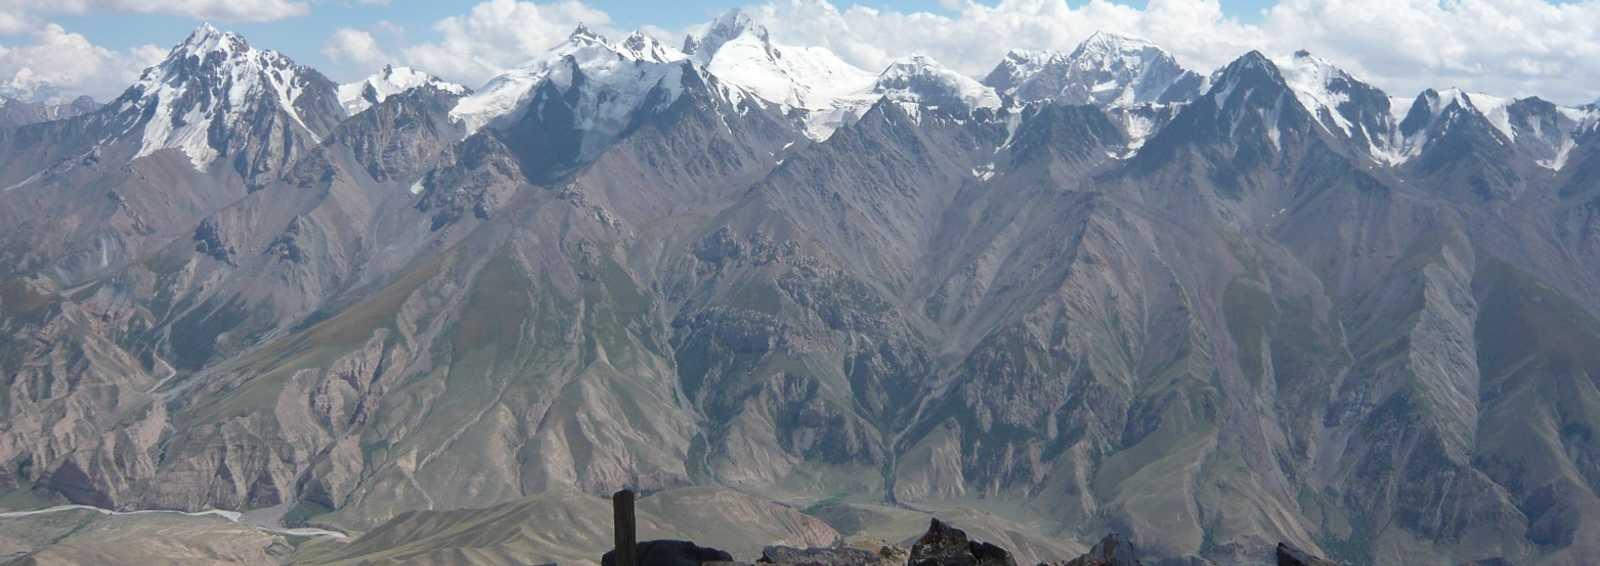 Kaindy Range, Tien Shan, Kyrgyzstan